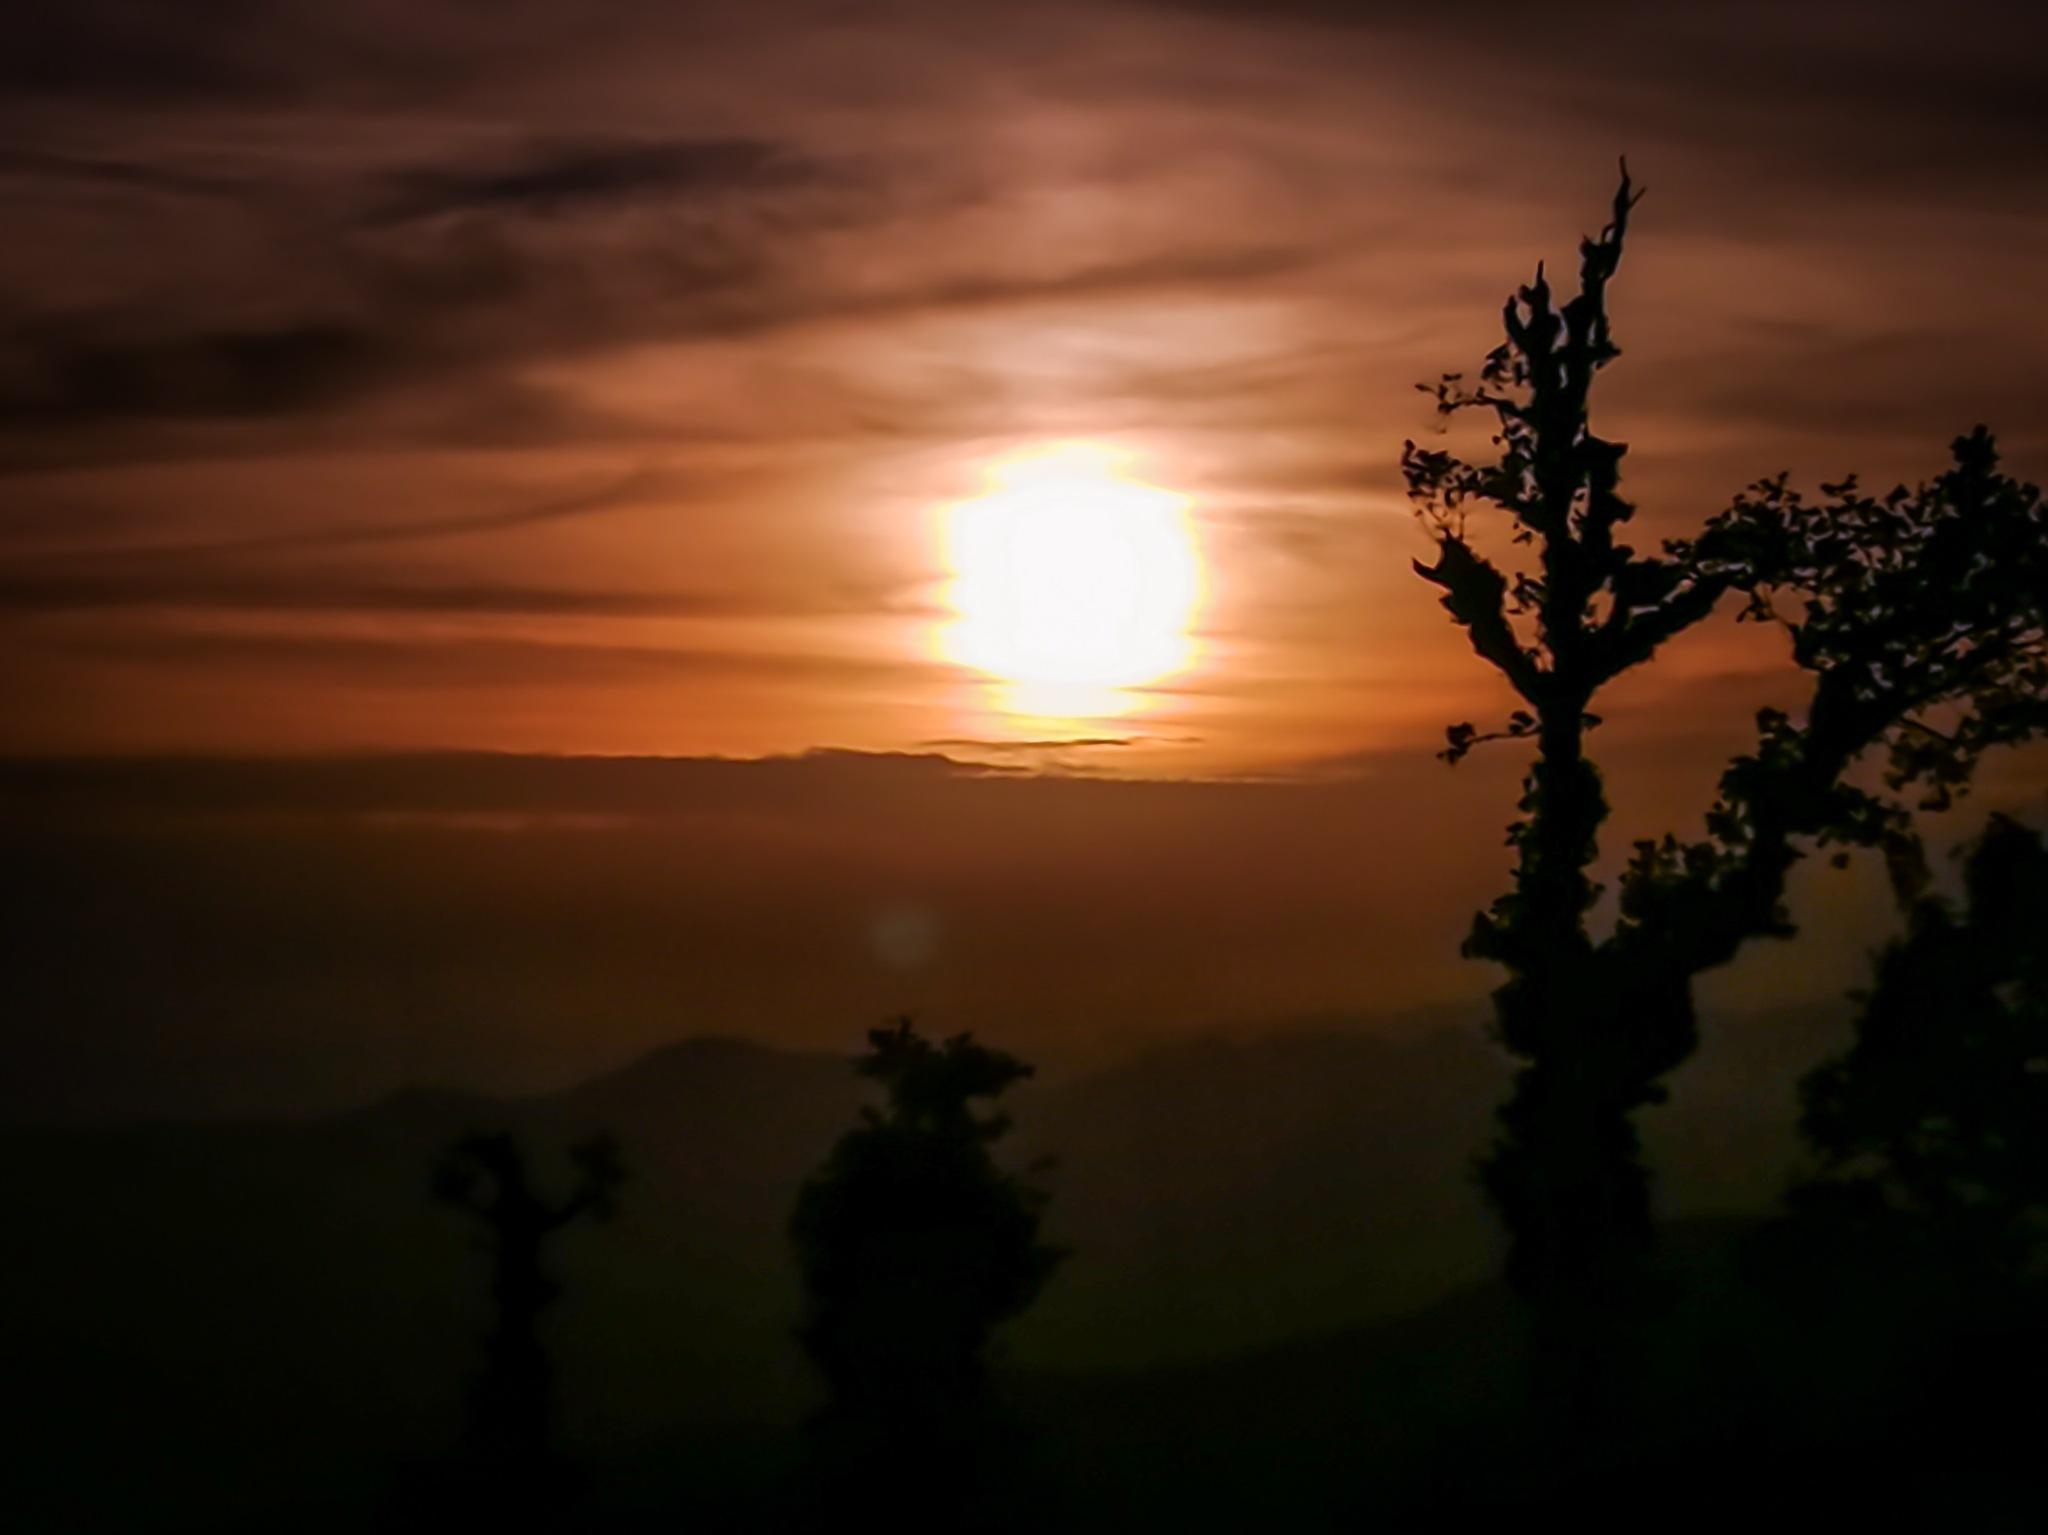 Sunset by Puneet Garg